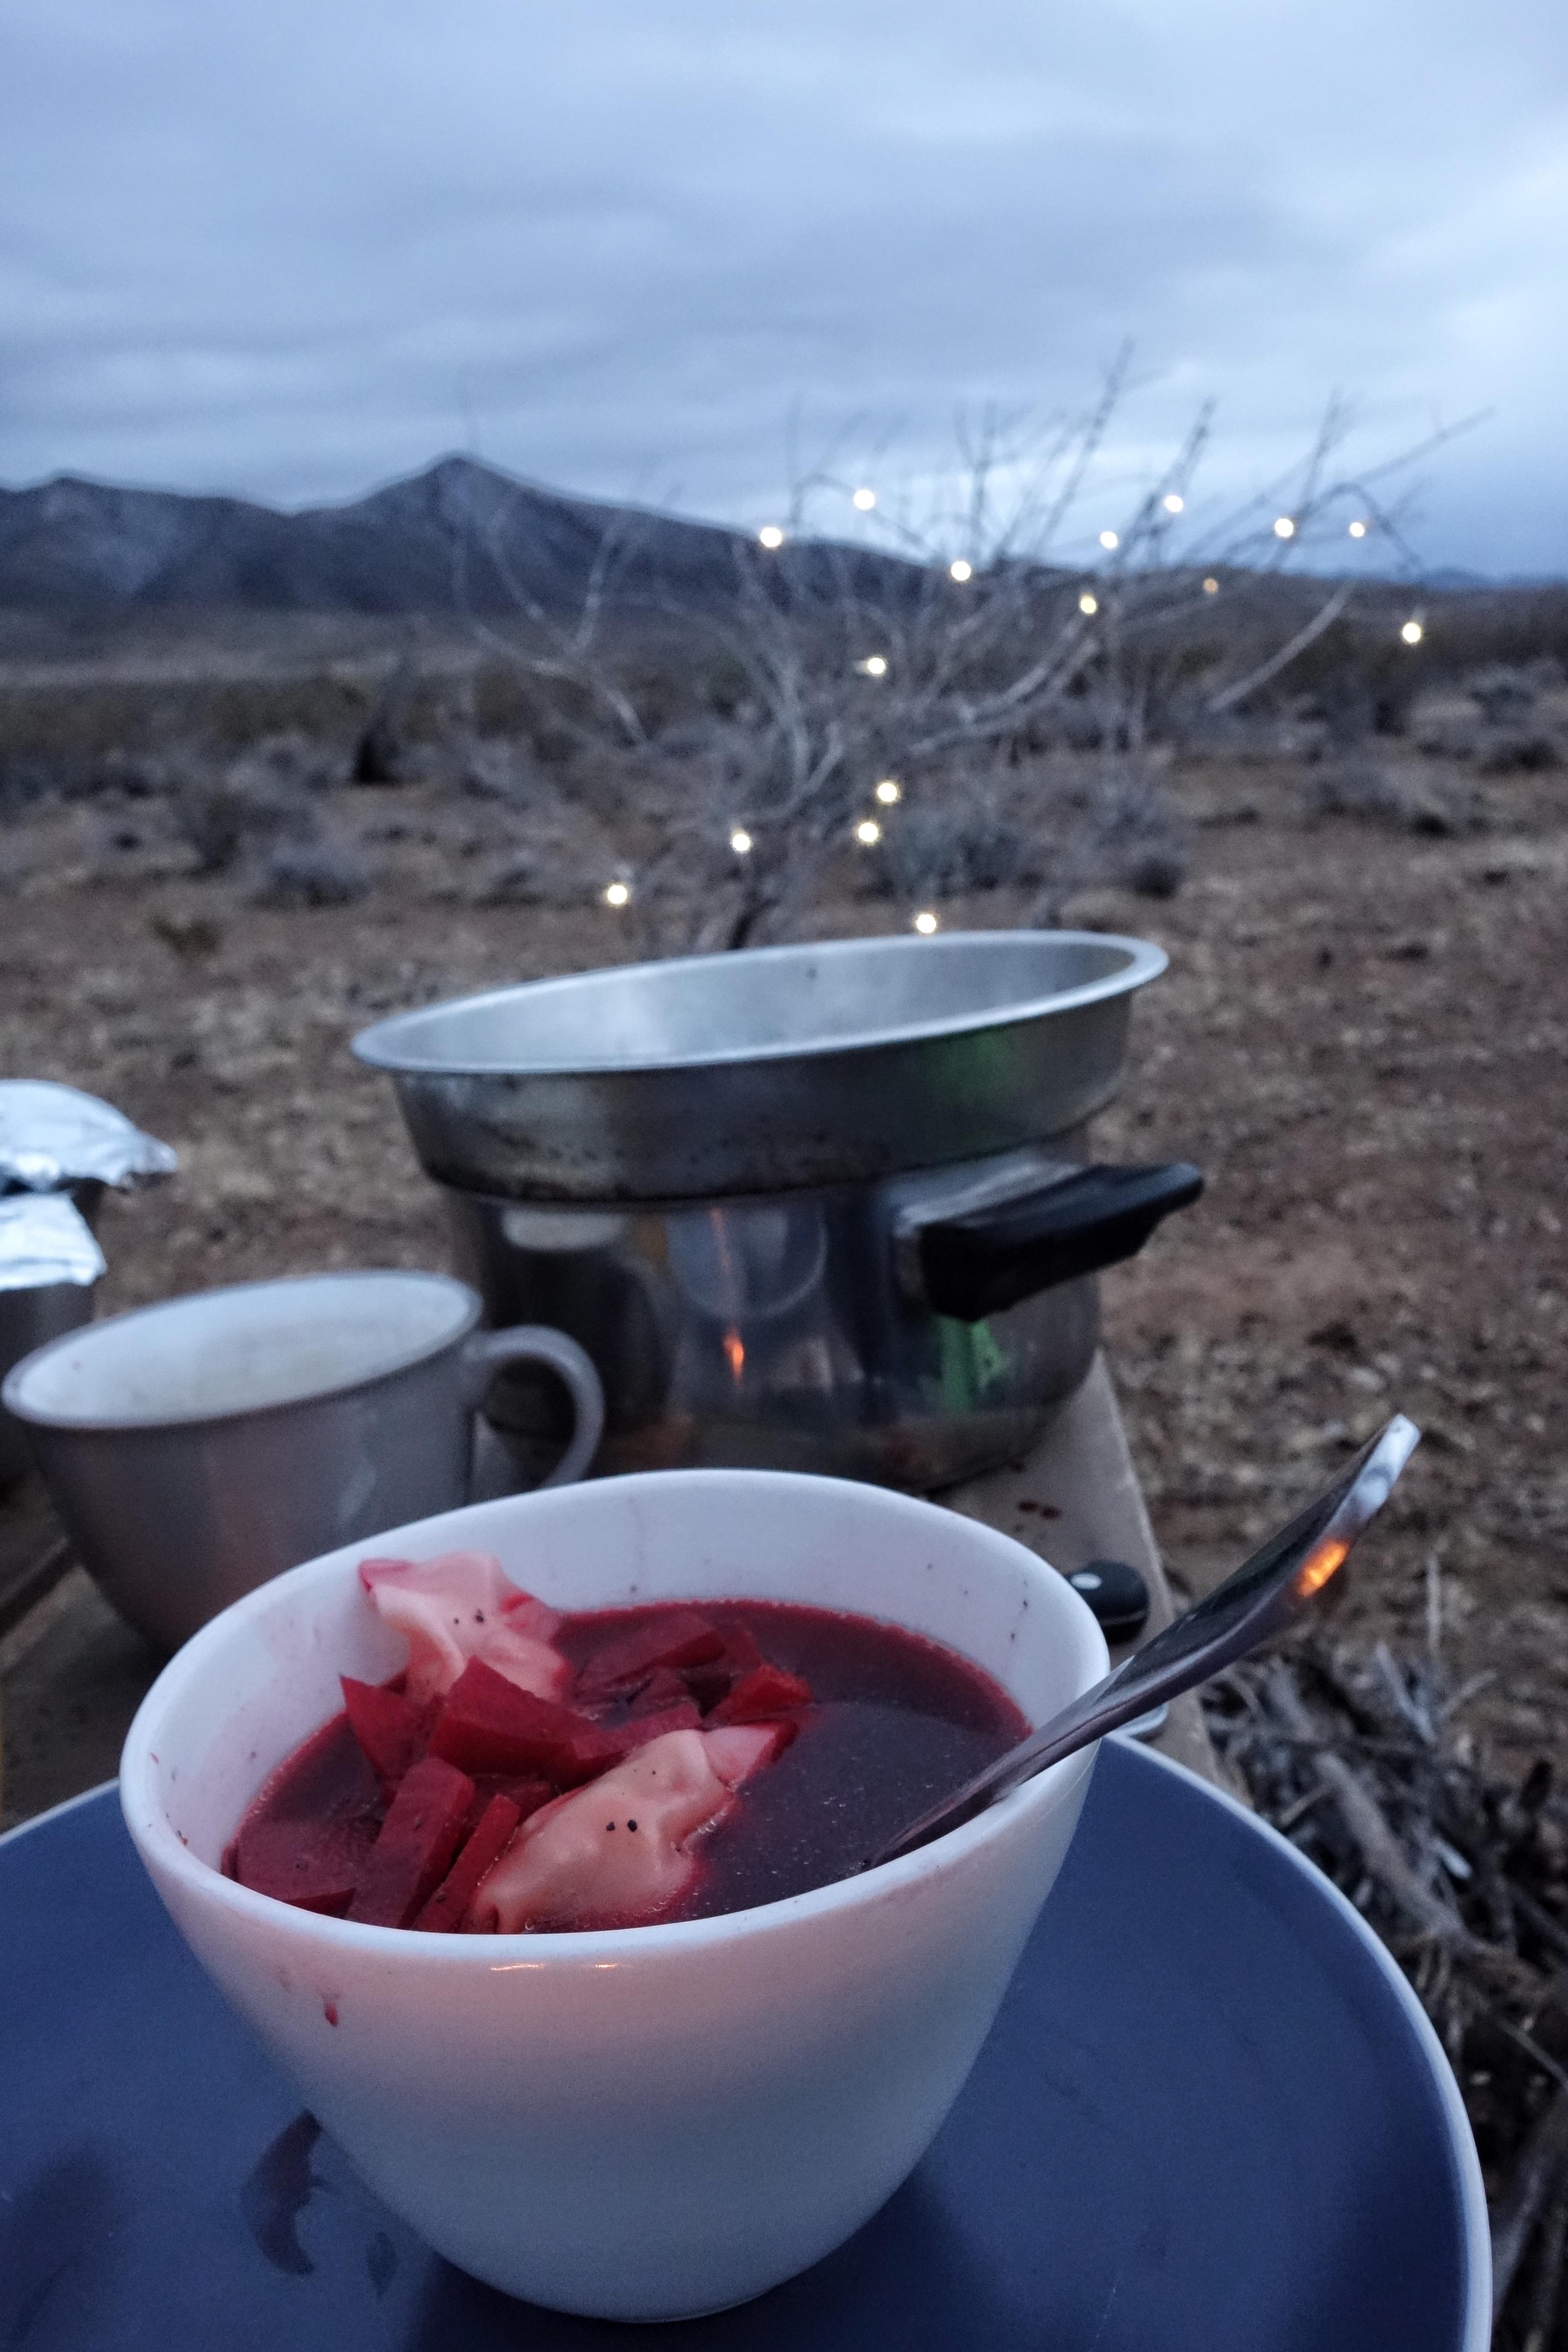 """Za """"choinkę"""" przebraliśmy wbitą w piasek uschniętą gałązkę przyozdobioną lampkami, które na co dzień służyły nam jako oświetlenie postojowe w Potworze (fot. Michał Gurgul)"""